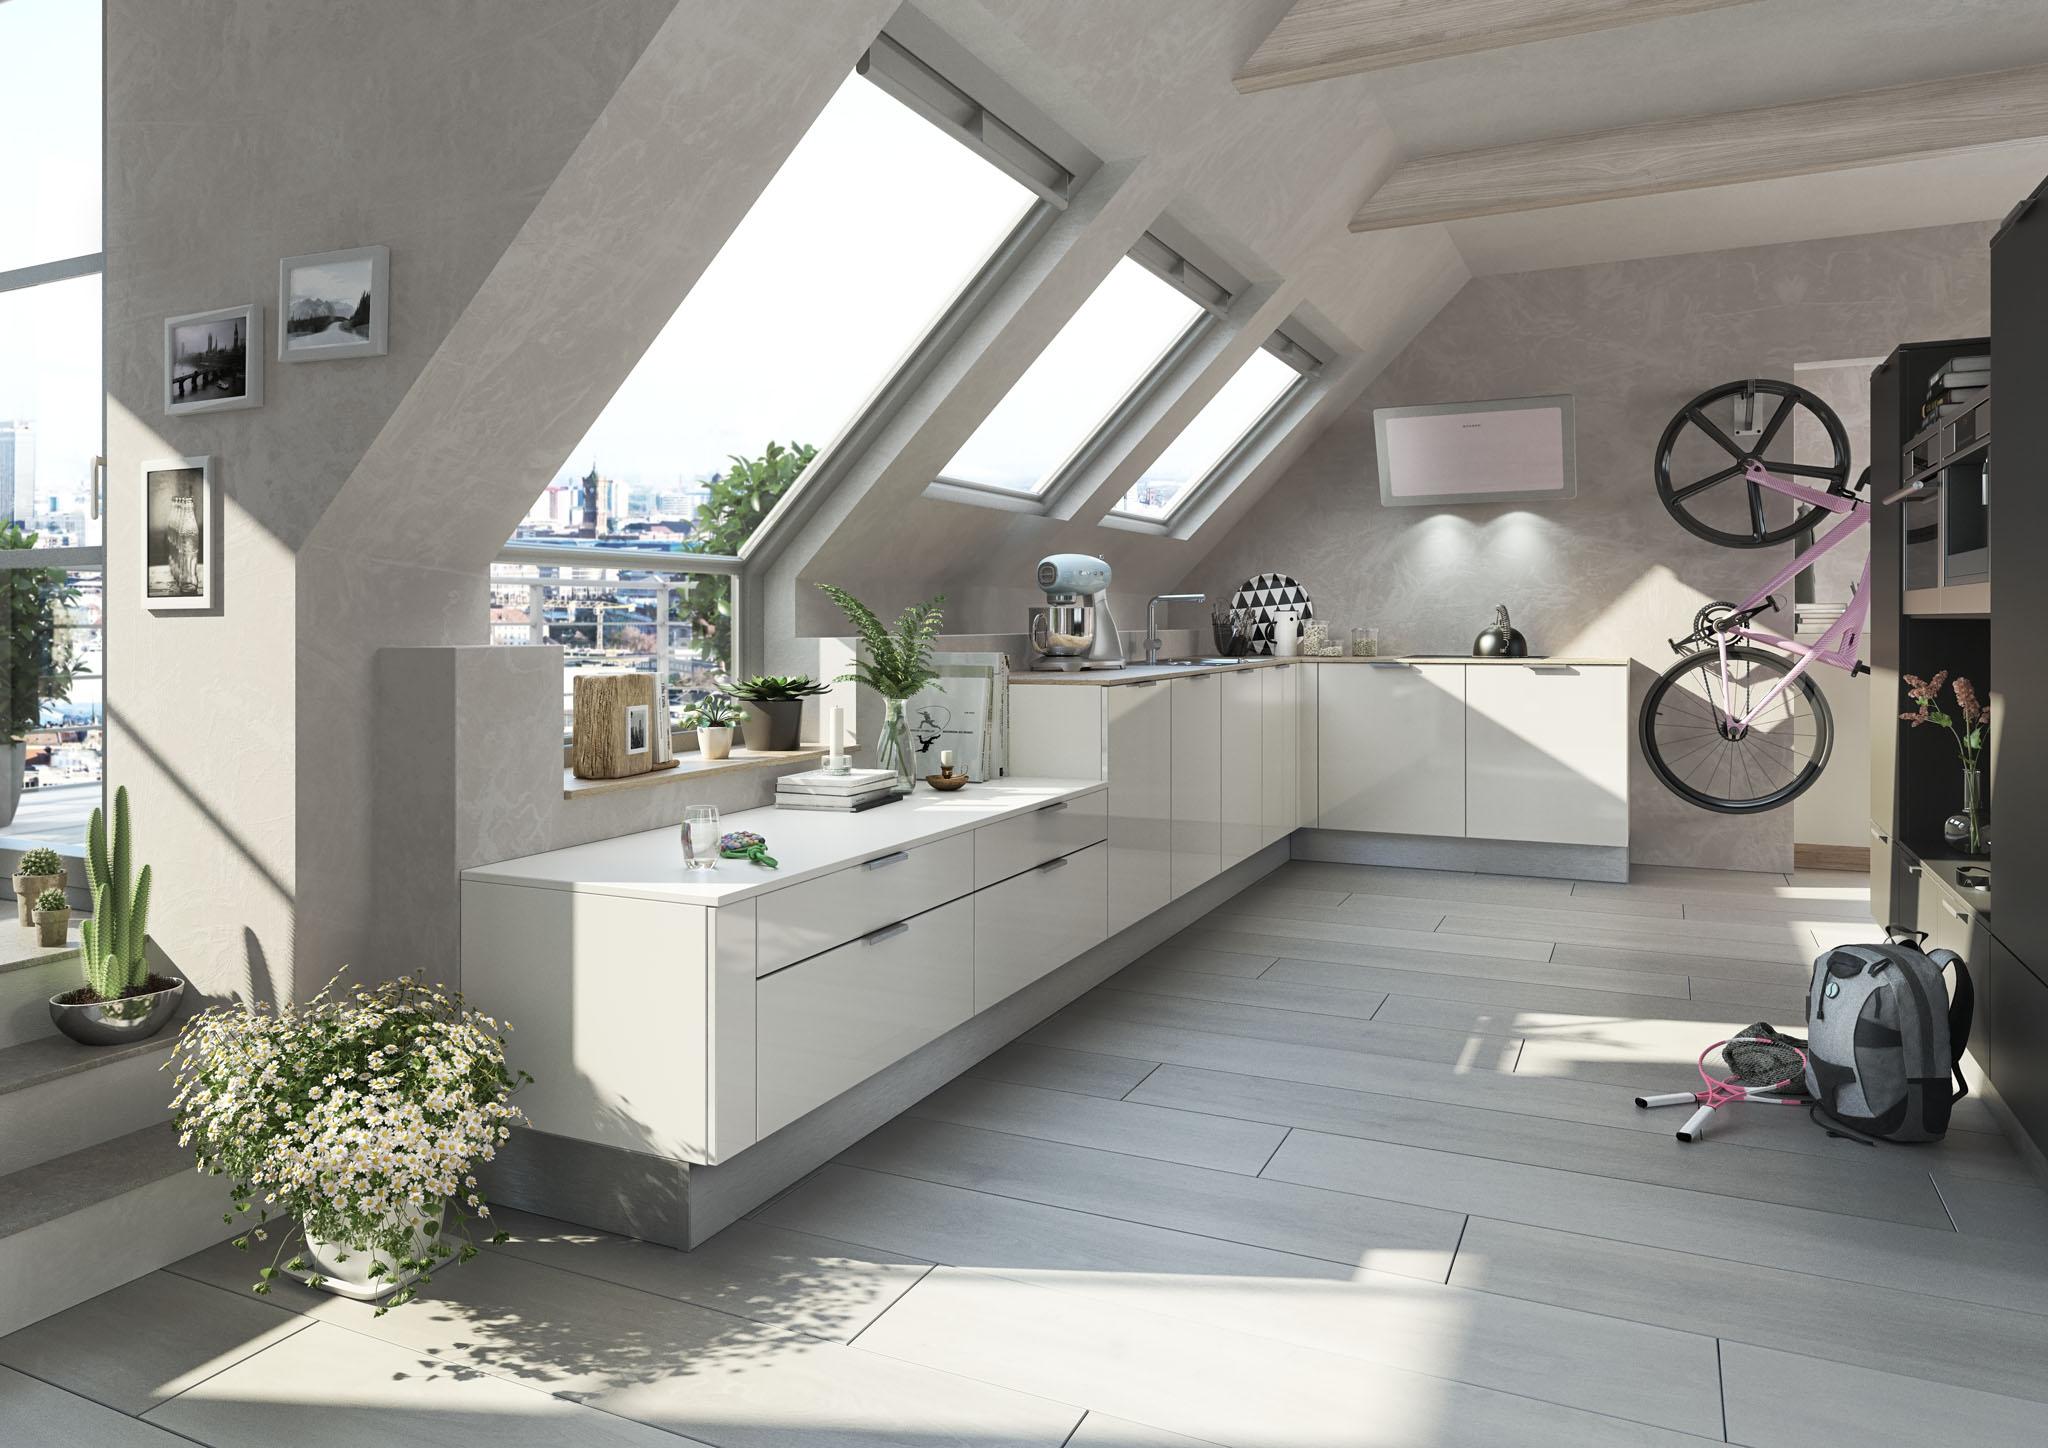 Maßgefertigtes Design - Küchen Muck, Küchenplaner aus Leidenschaft